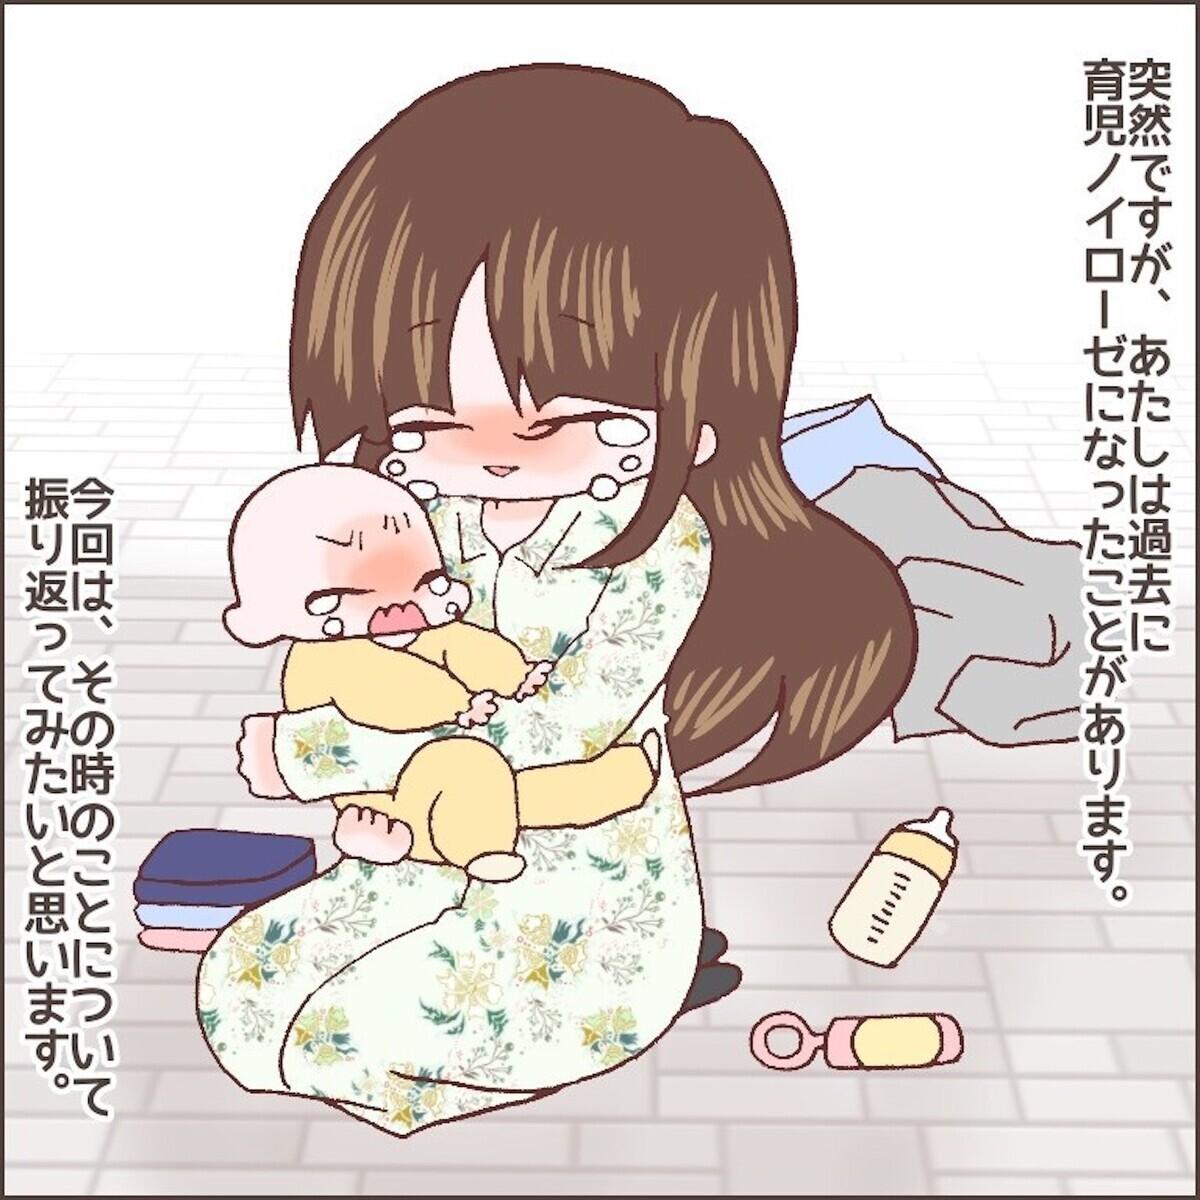 娘は元気に産まれてきてくれたけど…想定外の過酷な出産がすべてのはじまりだった!?【育児ノイローゼになった話 Vol.1】